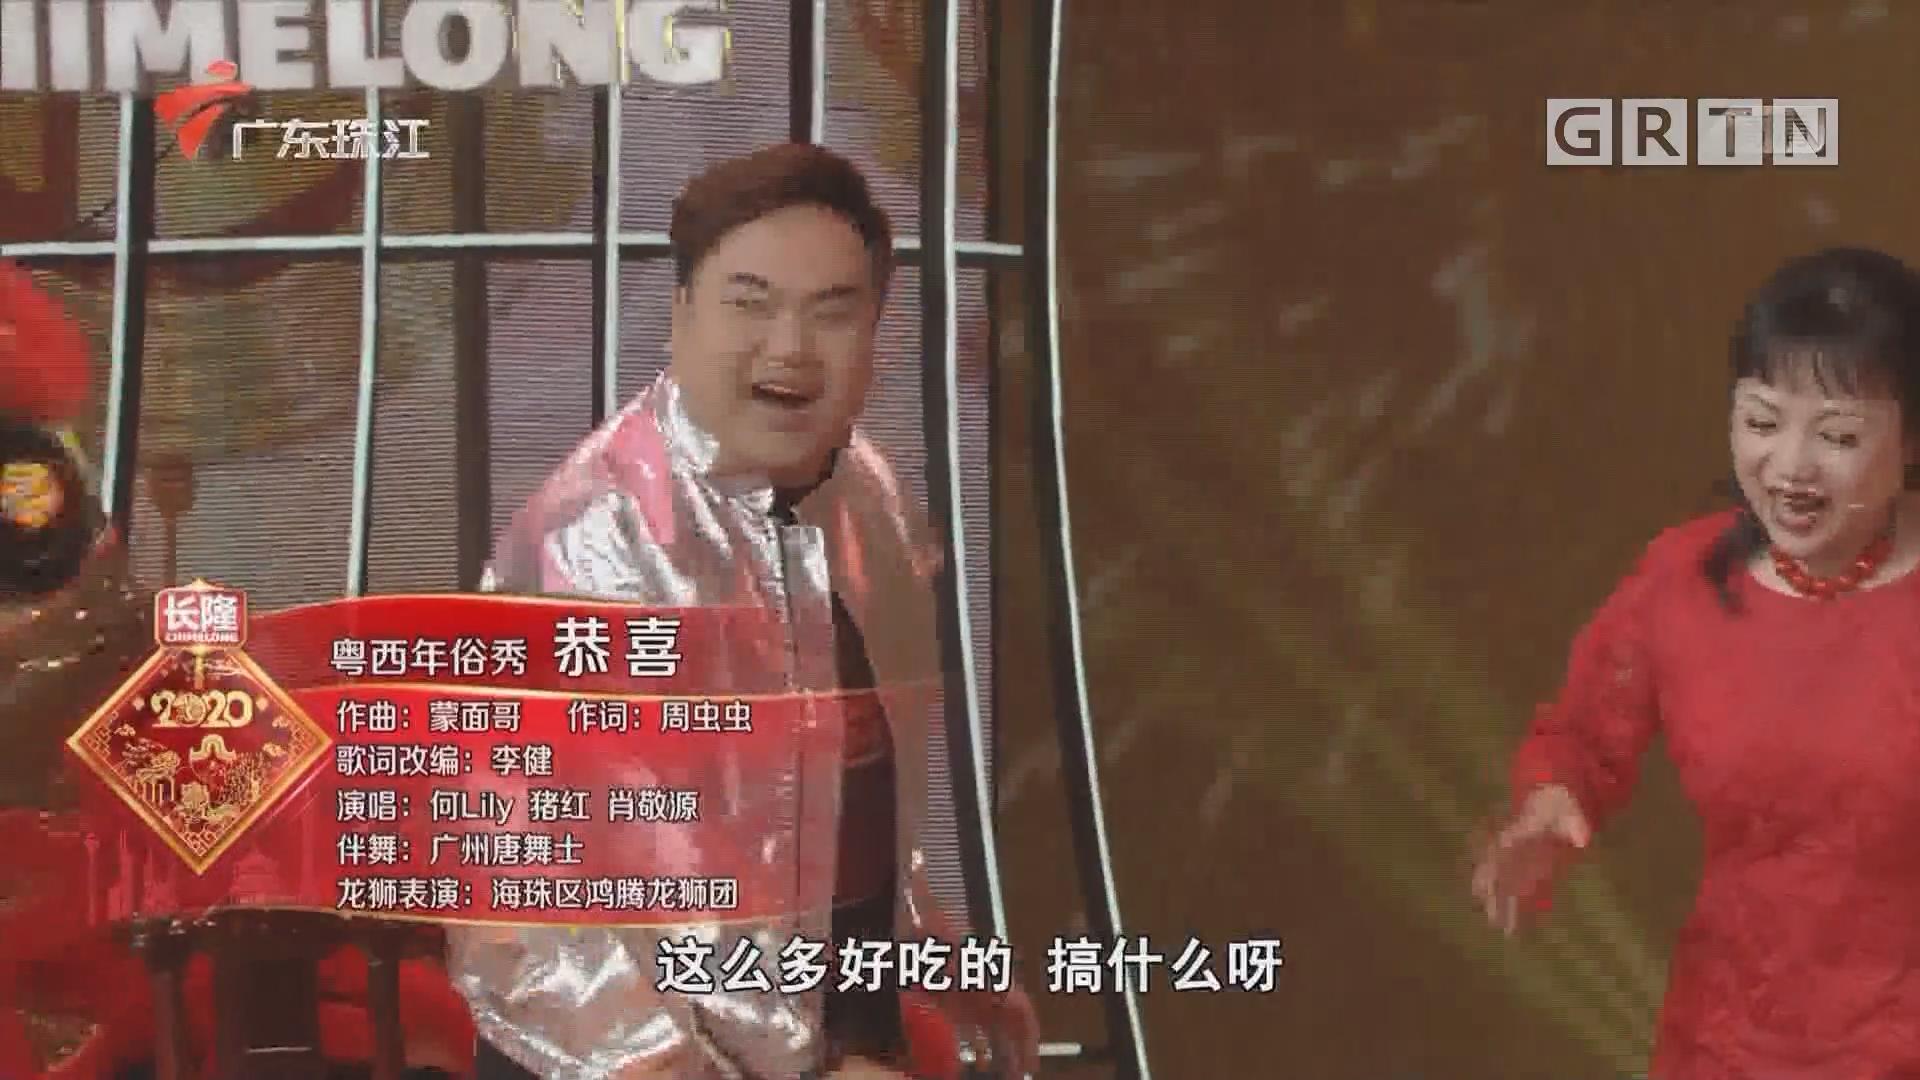 粤西年俗秀 《恭喜》